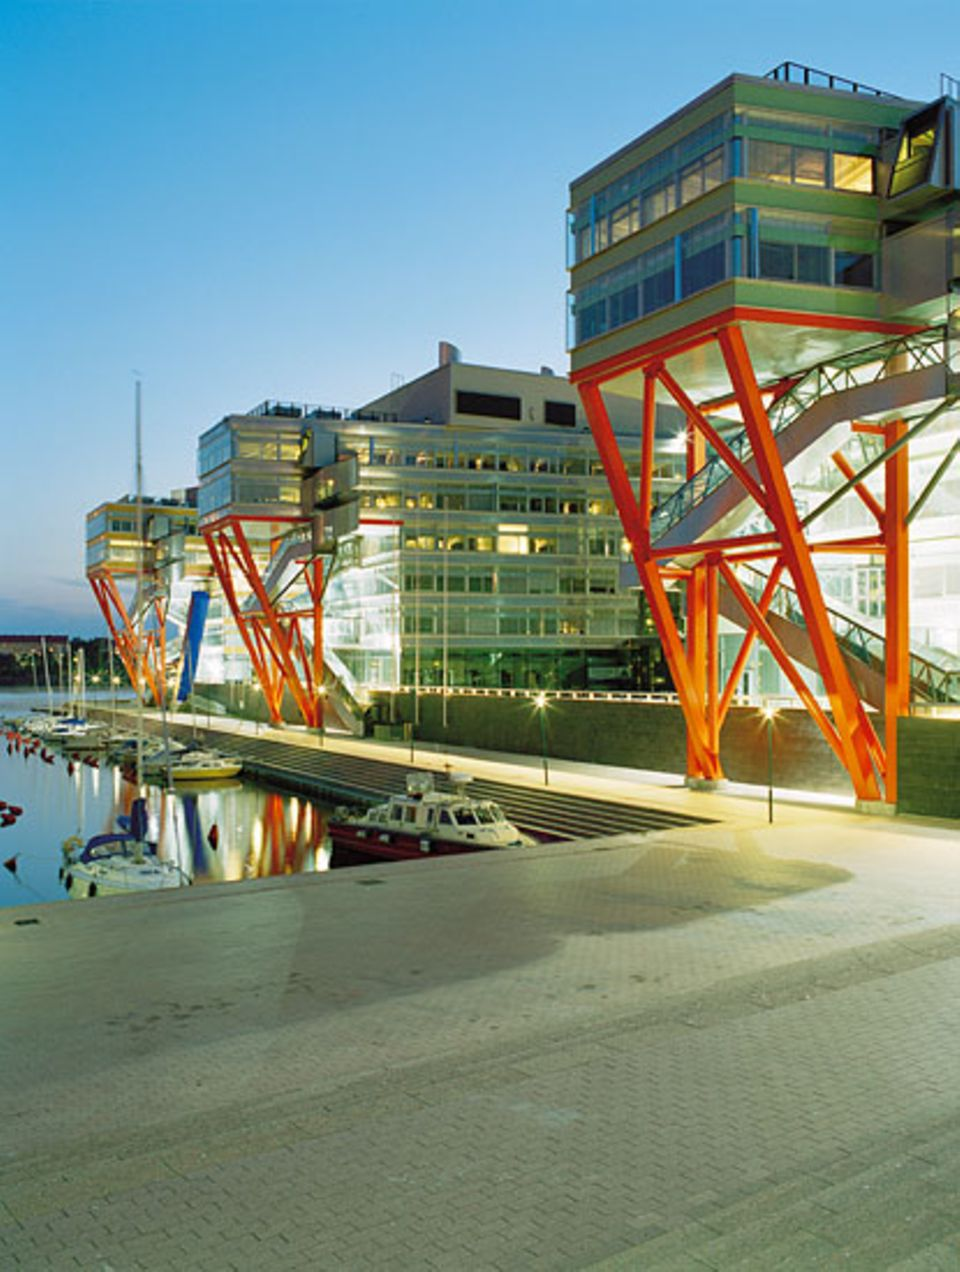 Außen und innen zukunftsweisend: Der spektakuläre Bau in Ruohalahti ist Sitz der Forschungseinrichtung HTC (High Tech Center)